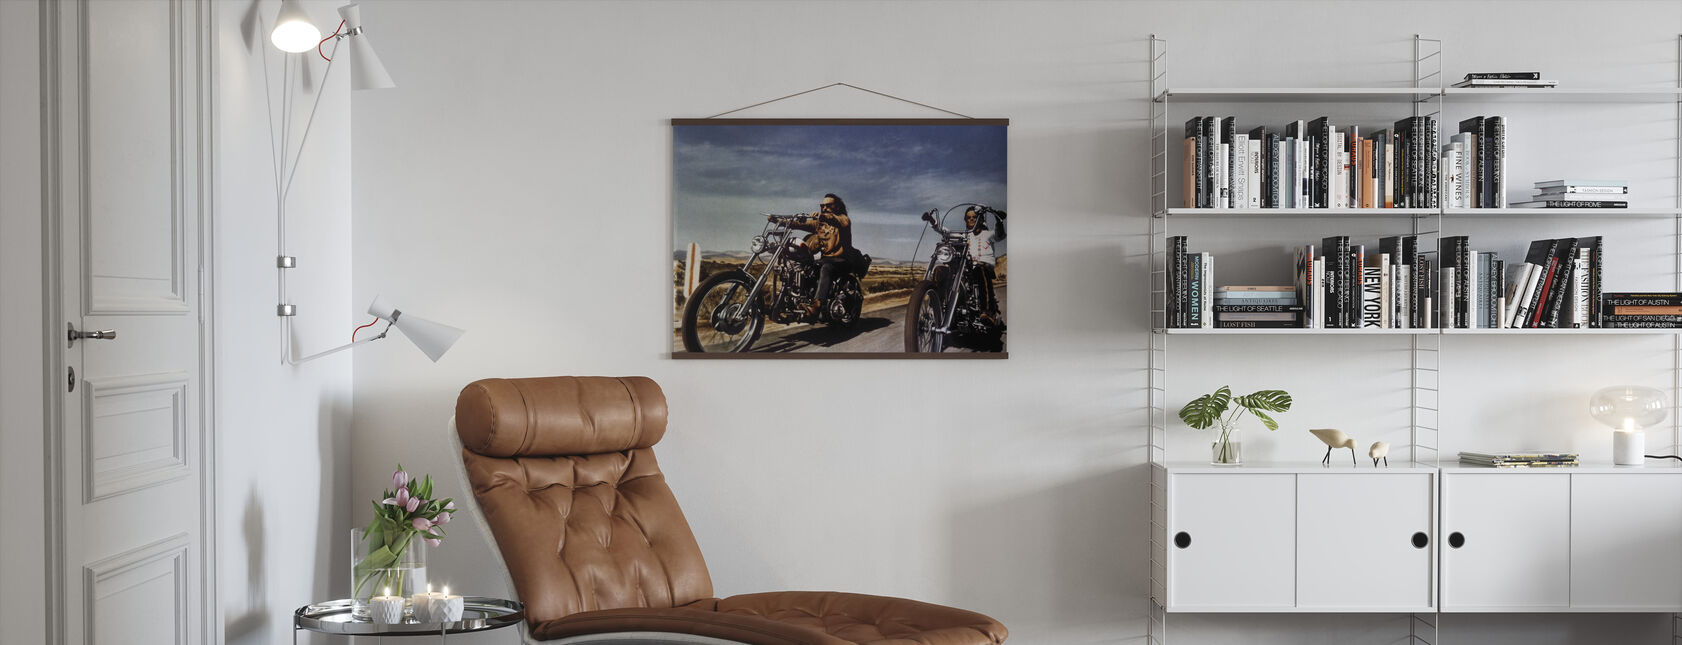 Dennis Hopper und Peter Fonda in Easy Rider - Poster - Wohnzimmer